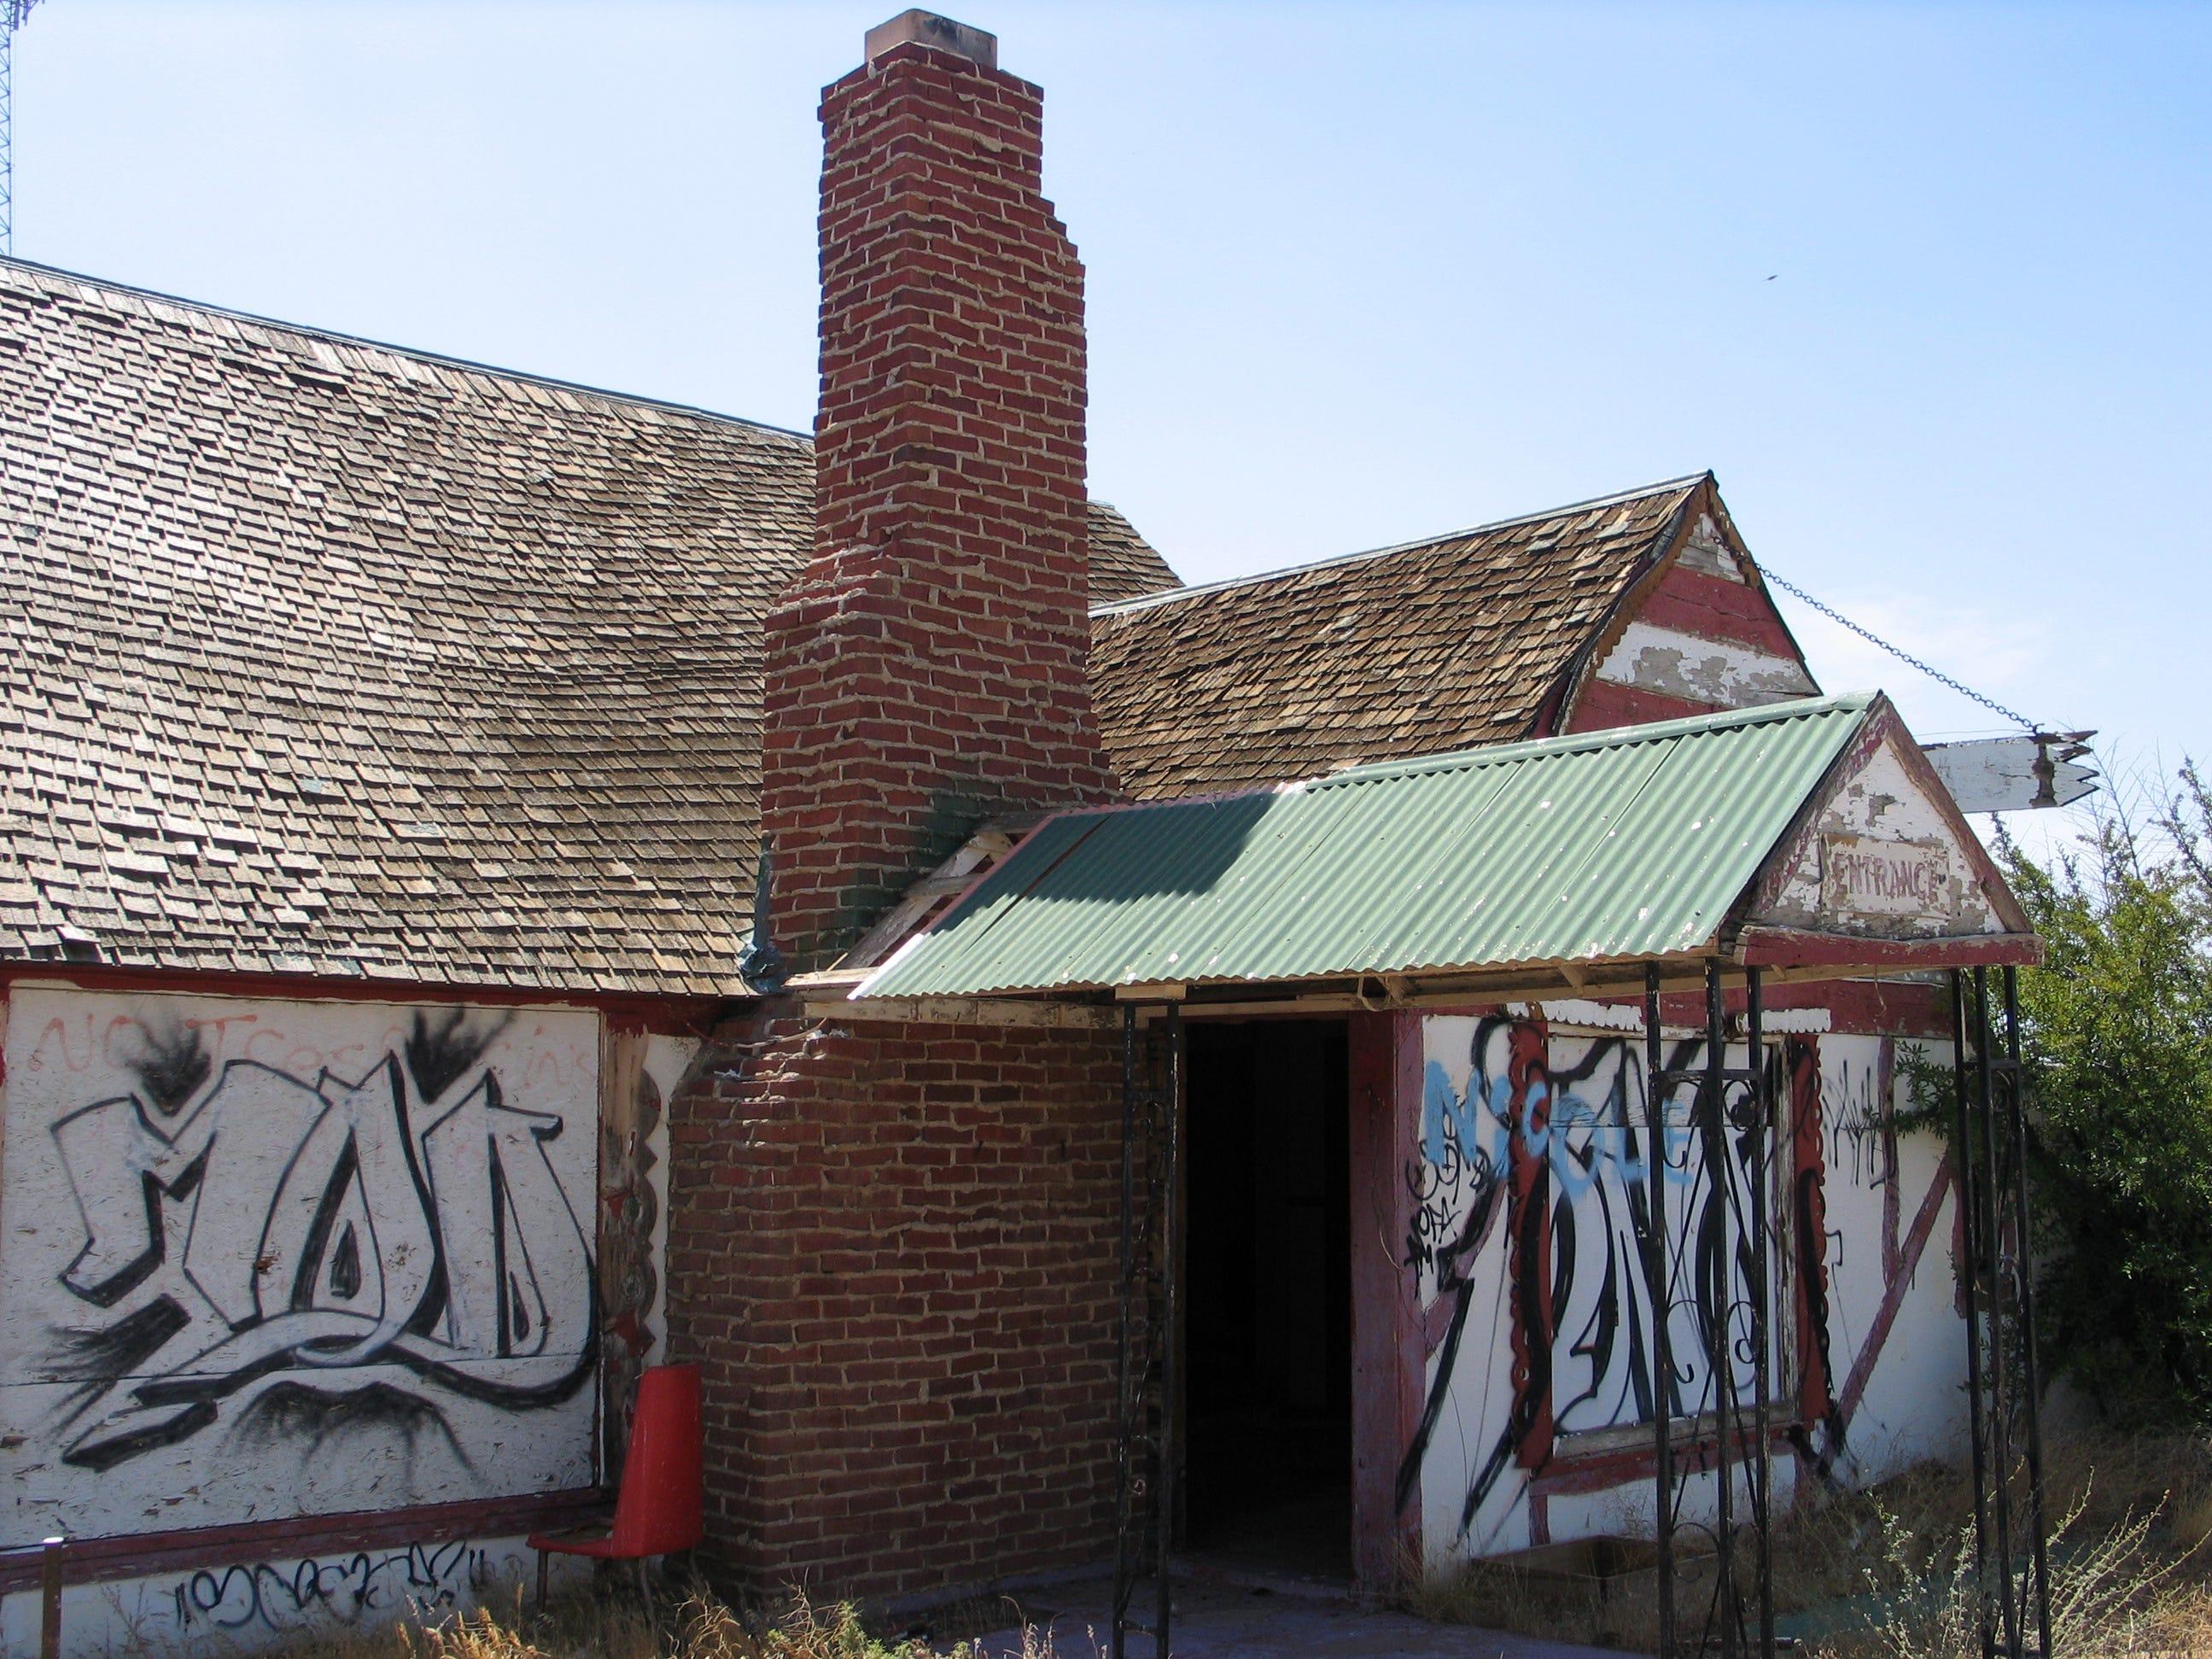 Graffiti covers the remains of Santa Claus, built along US 93 north of Kingman.